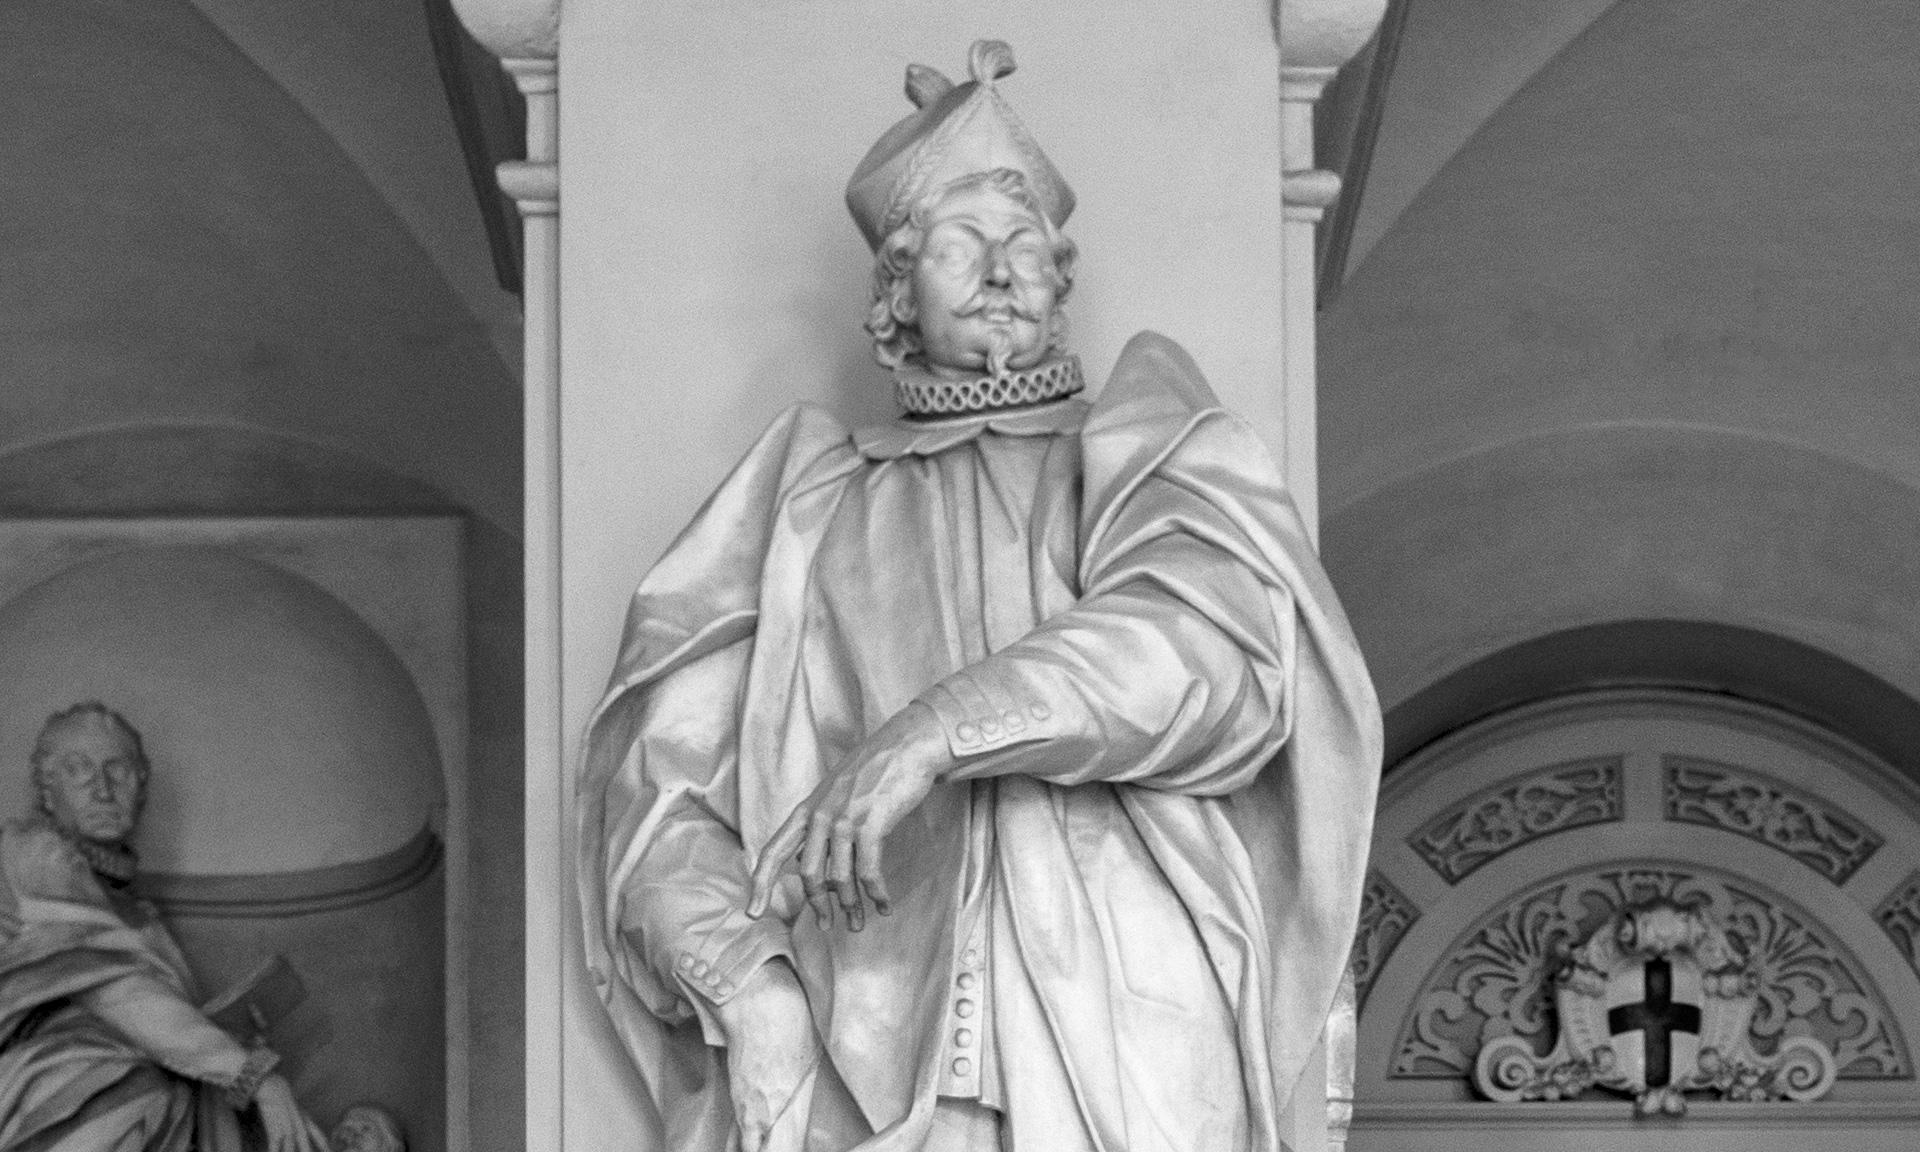 statua_joanni-francisco-invrea - Albergo dei Poveri Genova